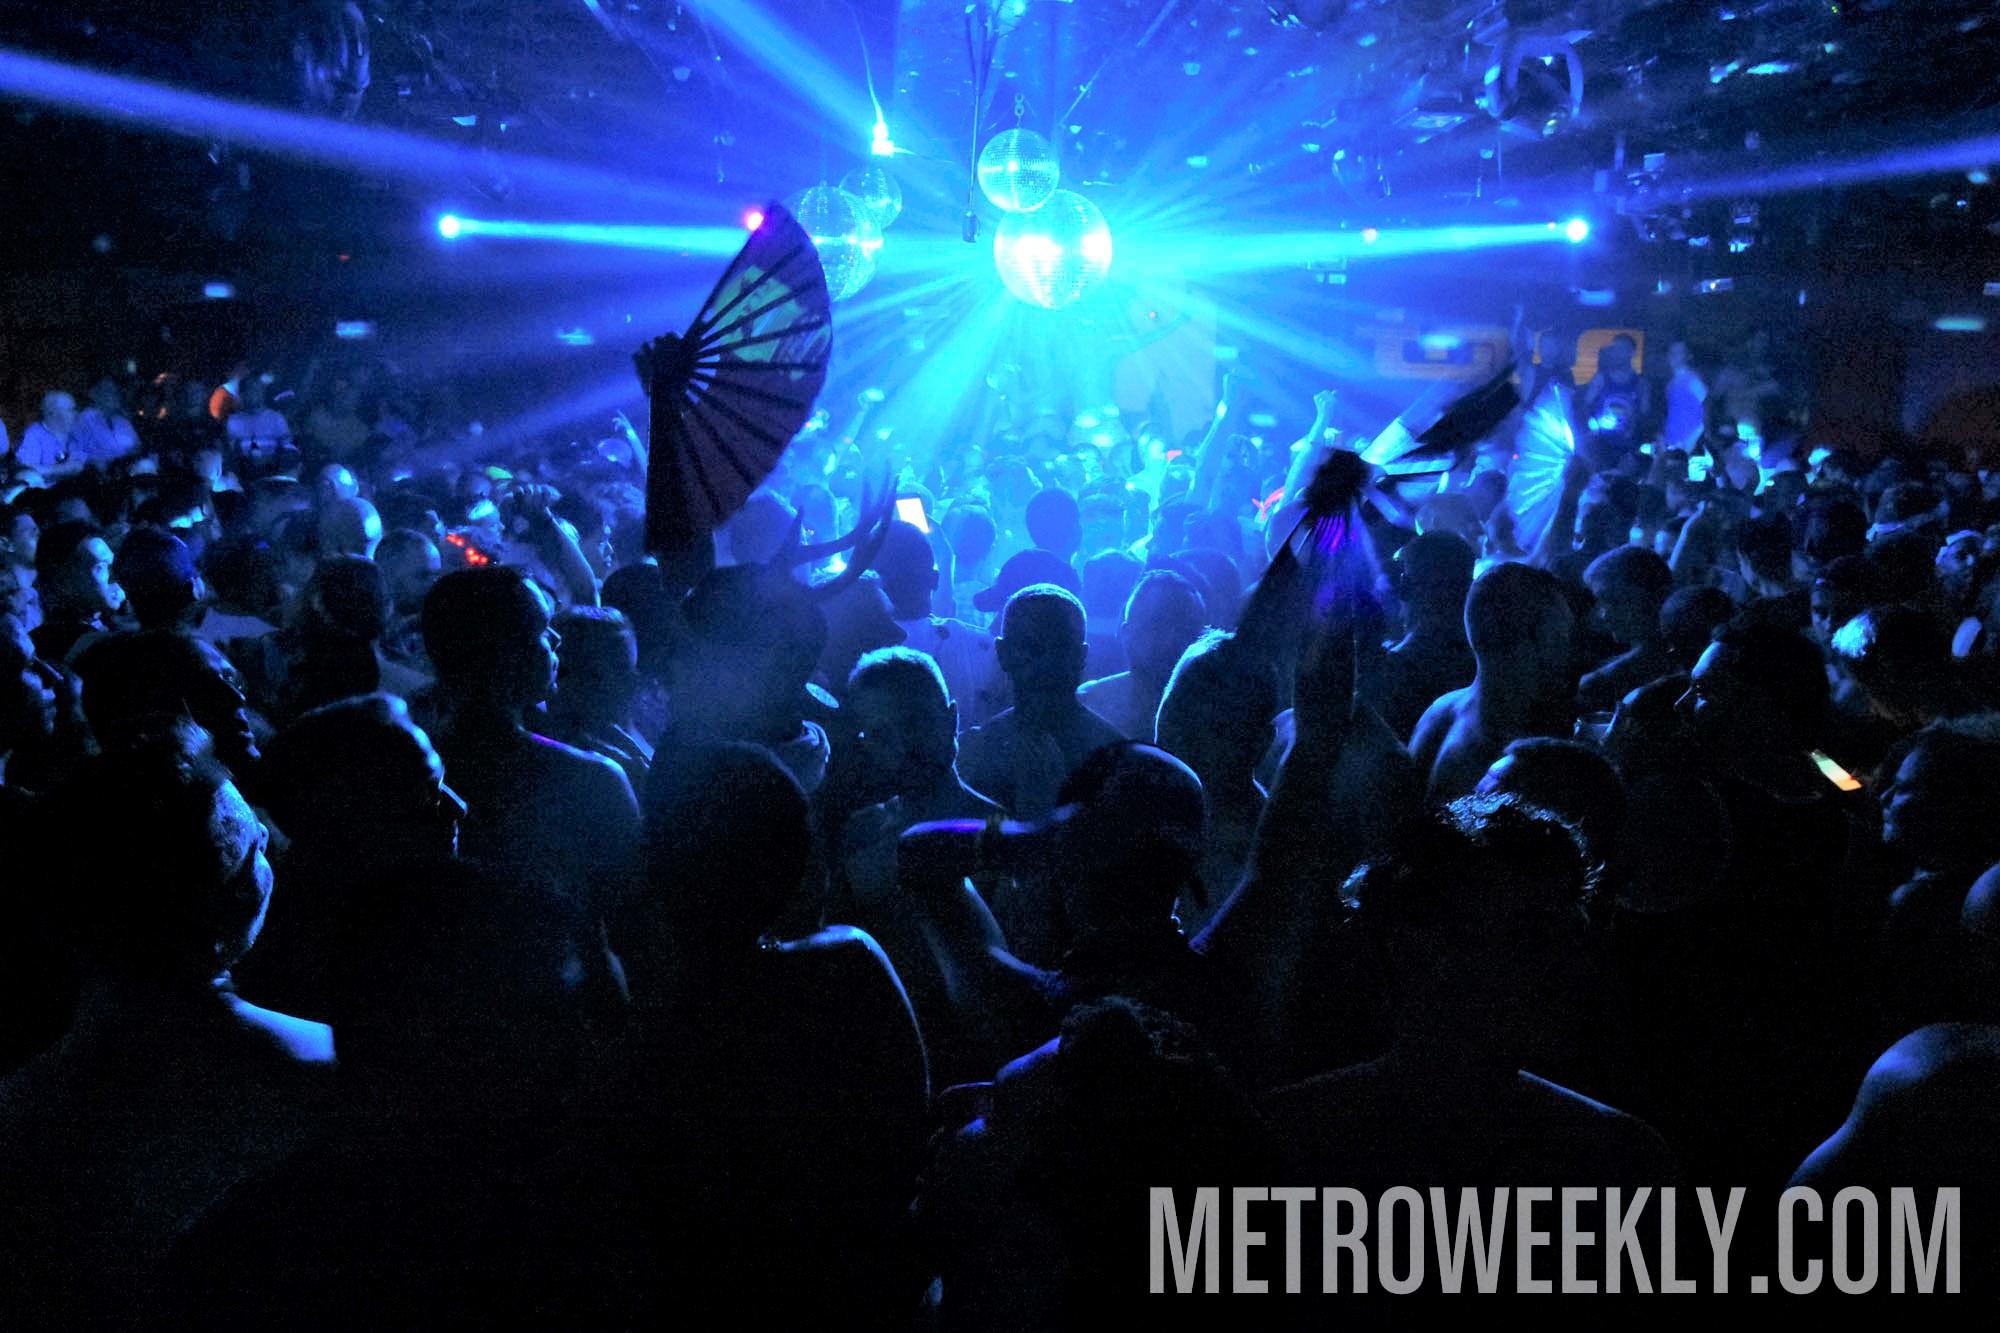 Town, nightclub, dancing, club, gay bar